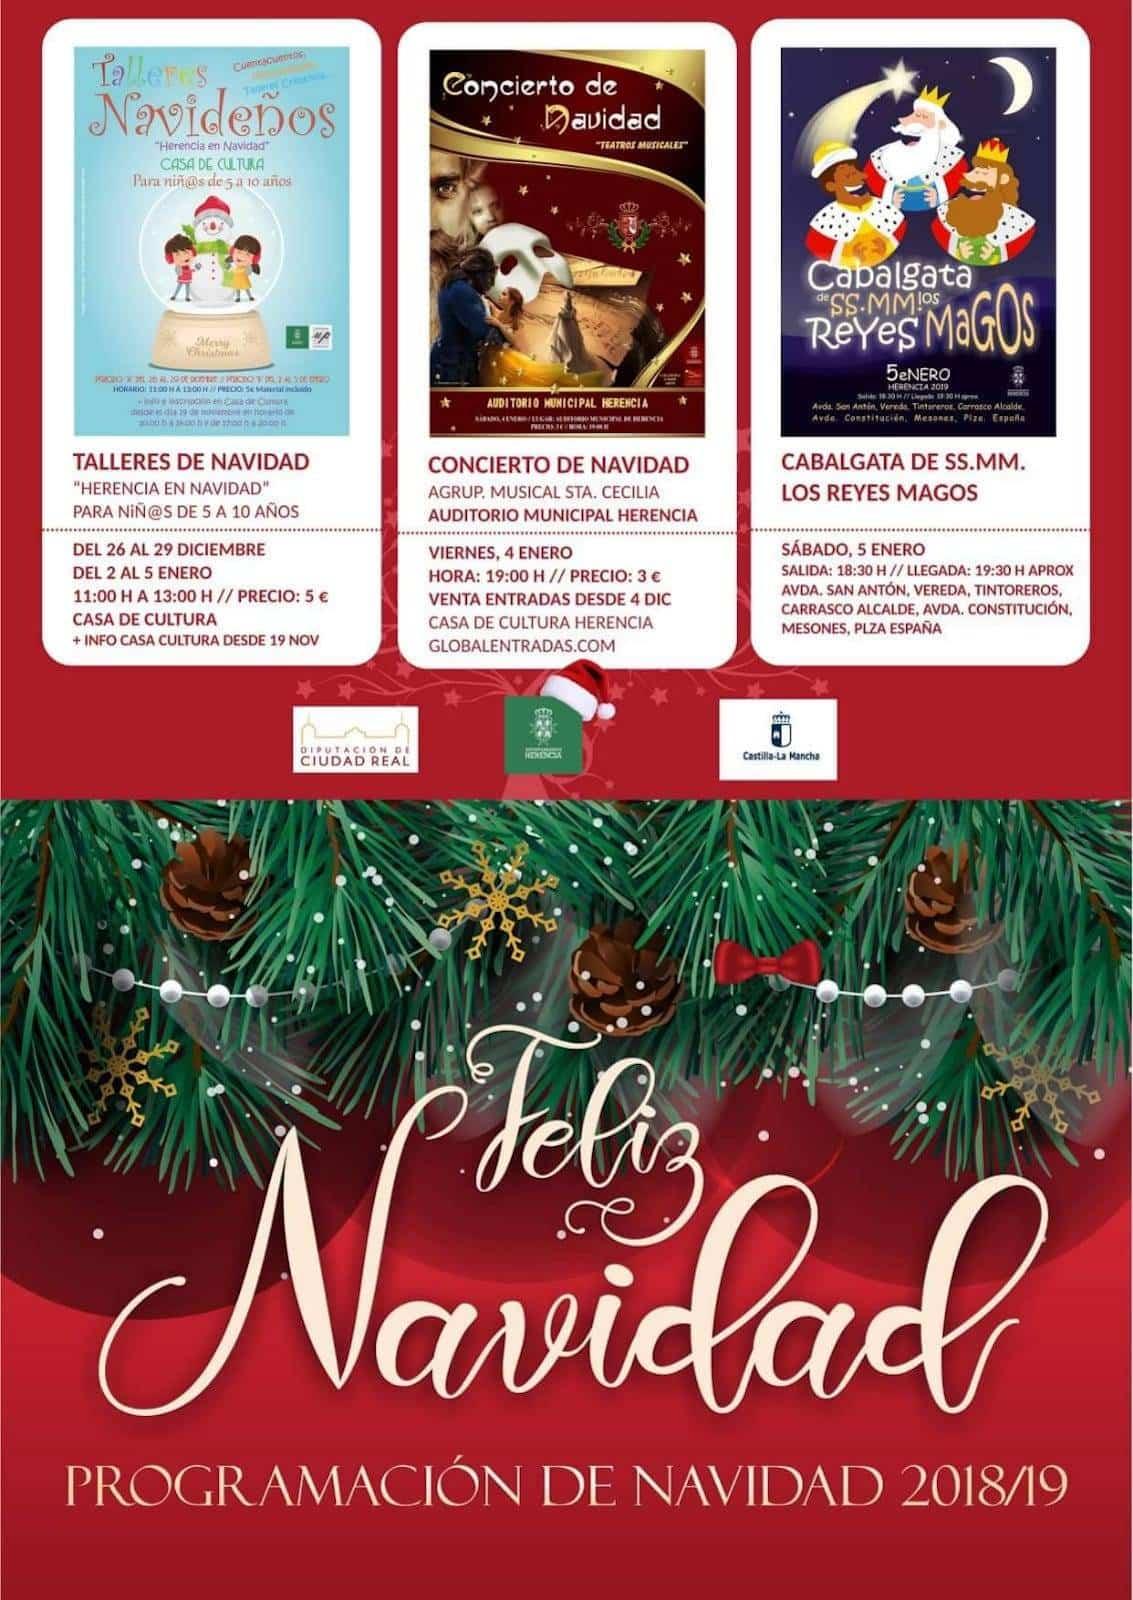 programacion especial navidad herencia 2018 - La programación especial de navidad llena de luz e ilusión Herencia